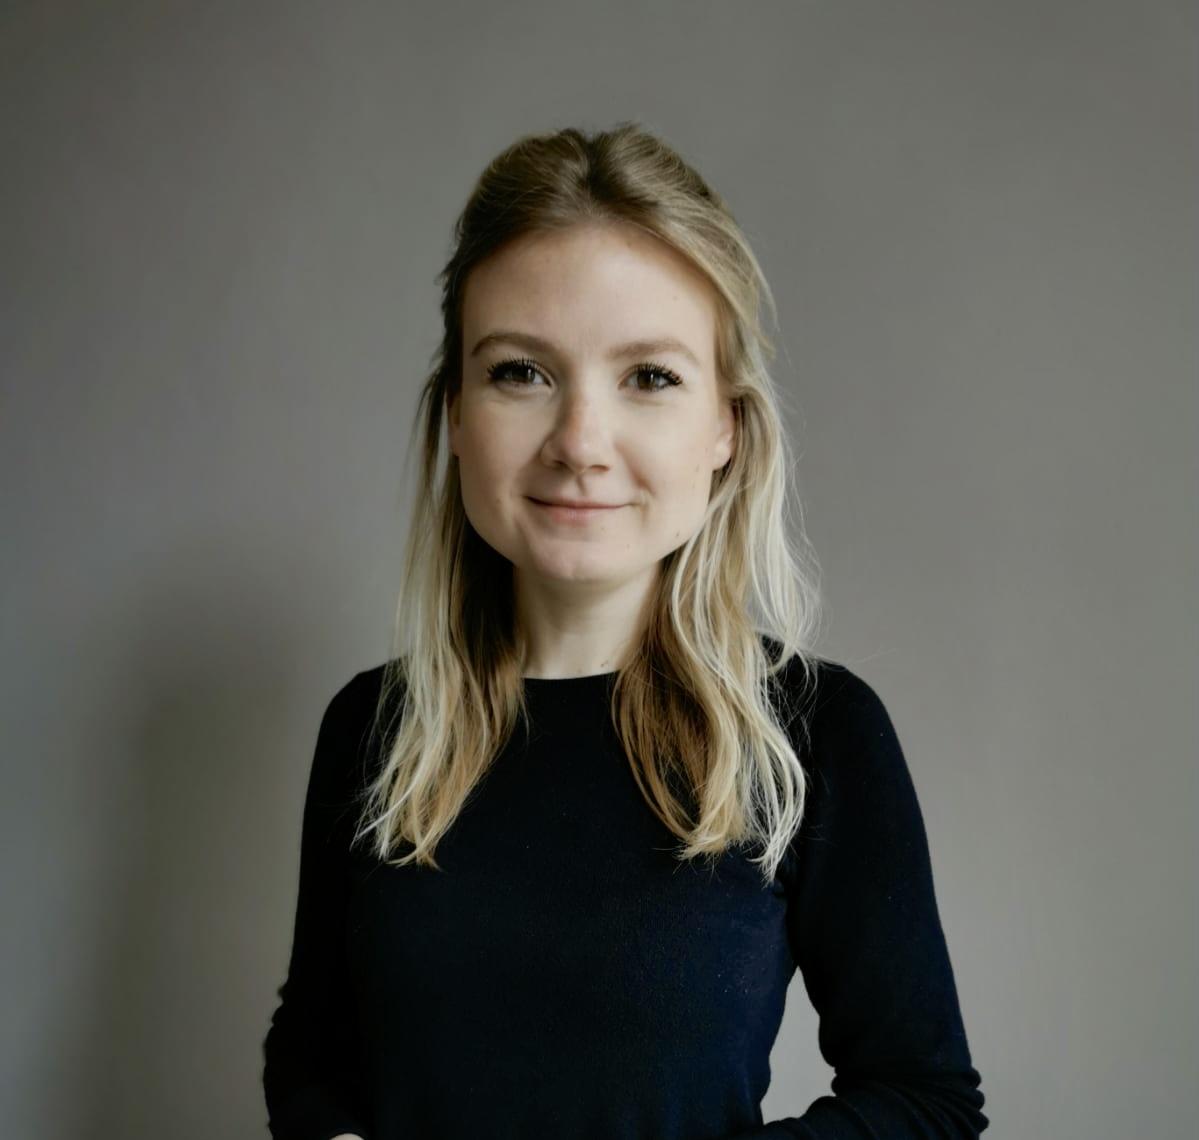 Versterking: ontmoet onze nieuwe talentregisseur Sophie Scheel